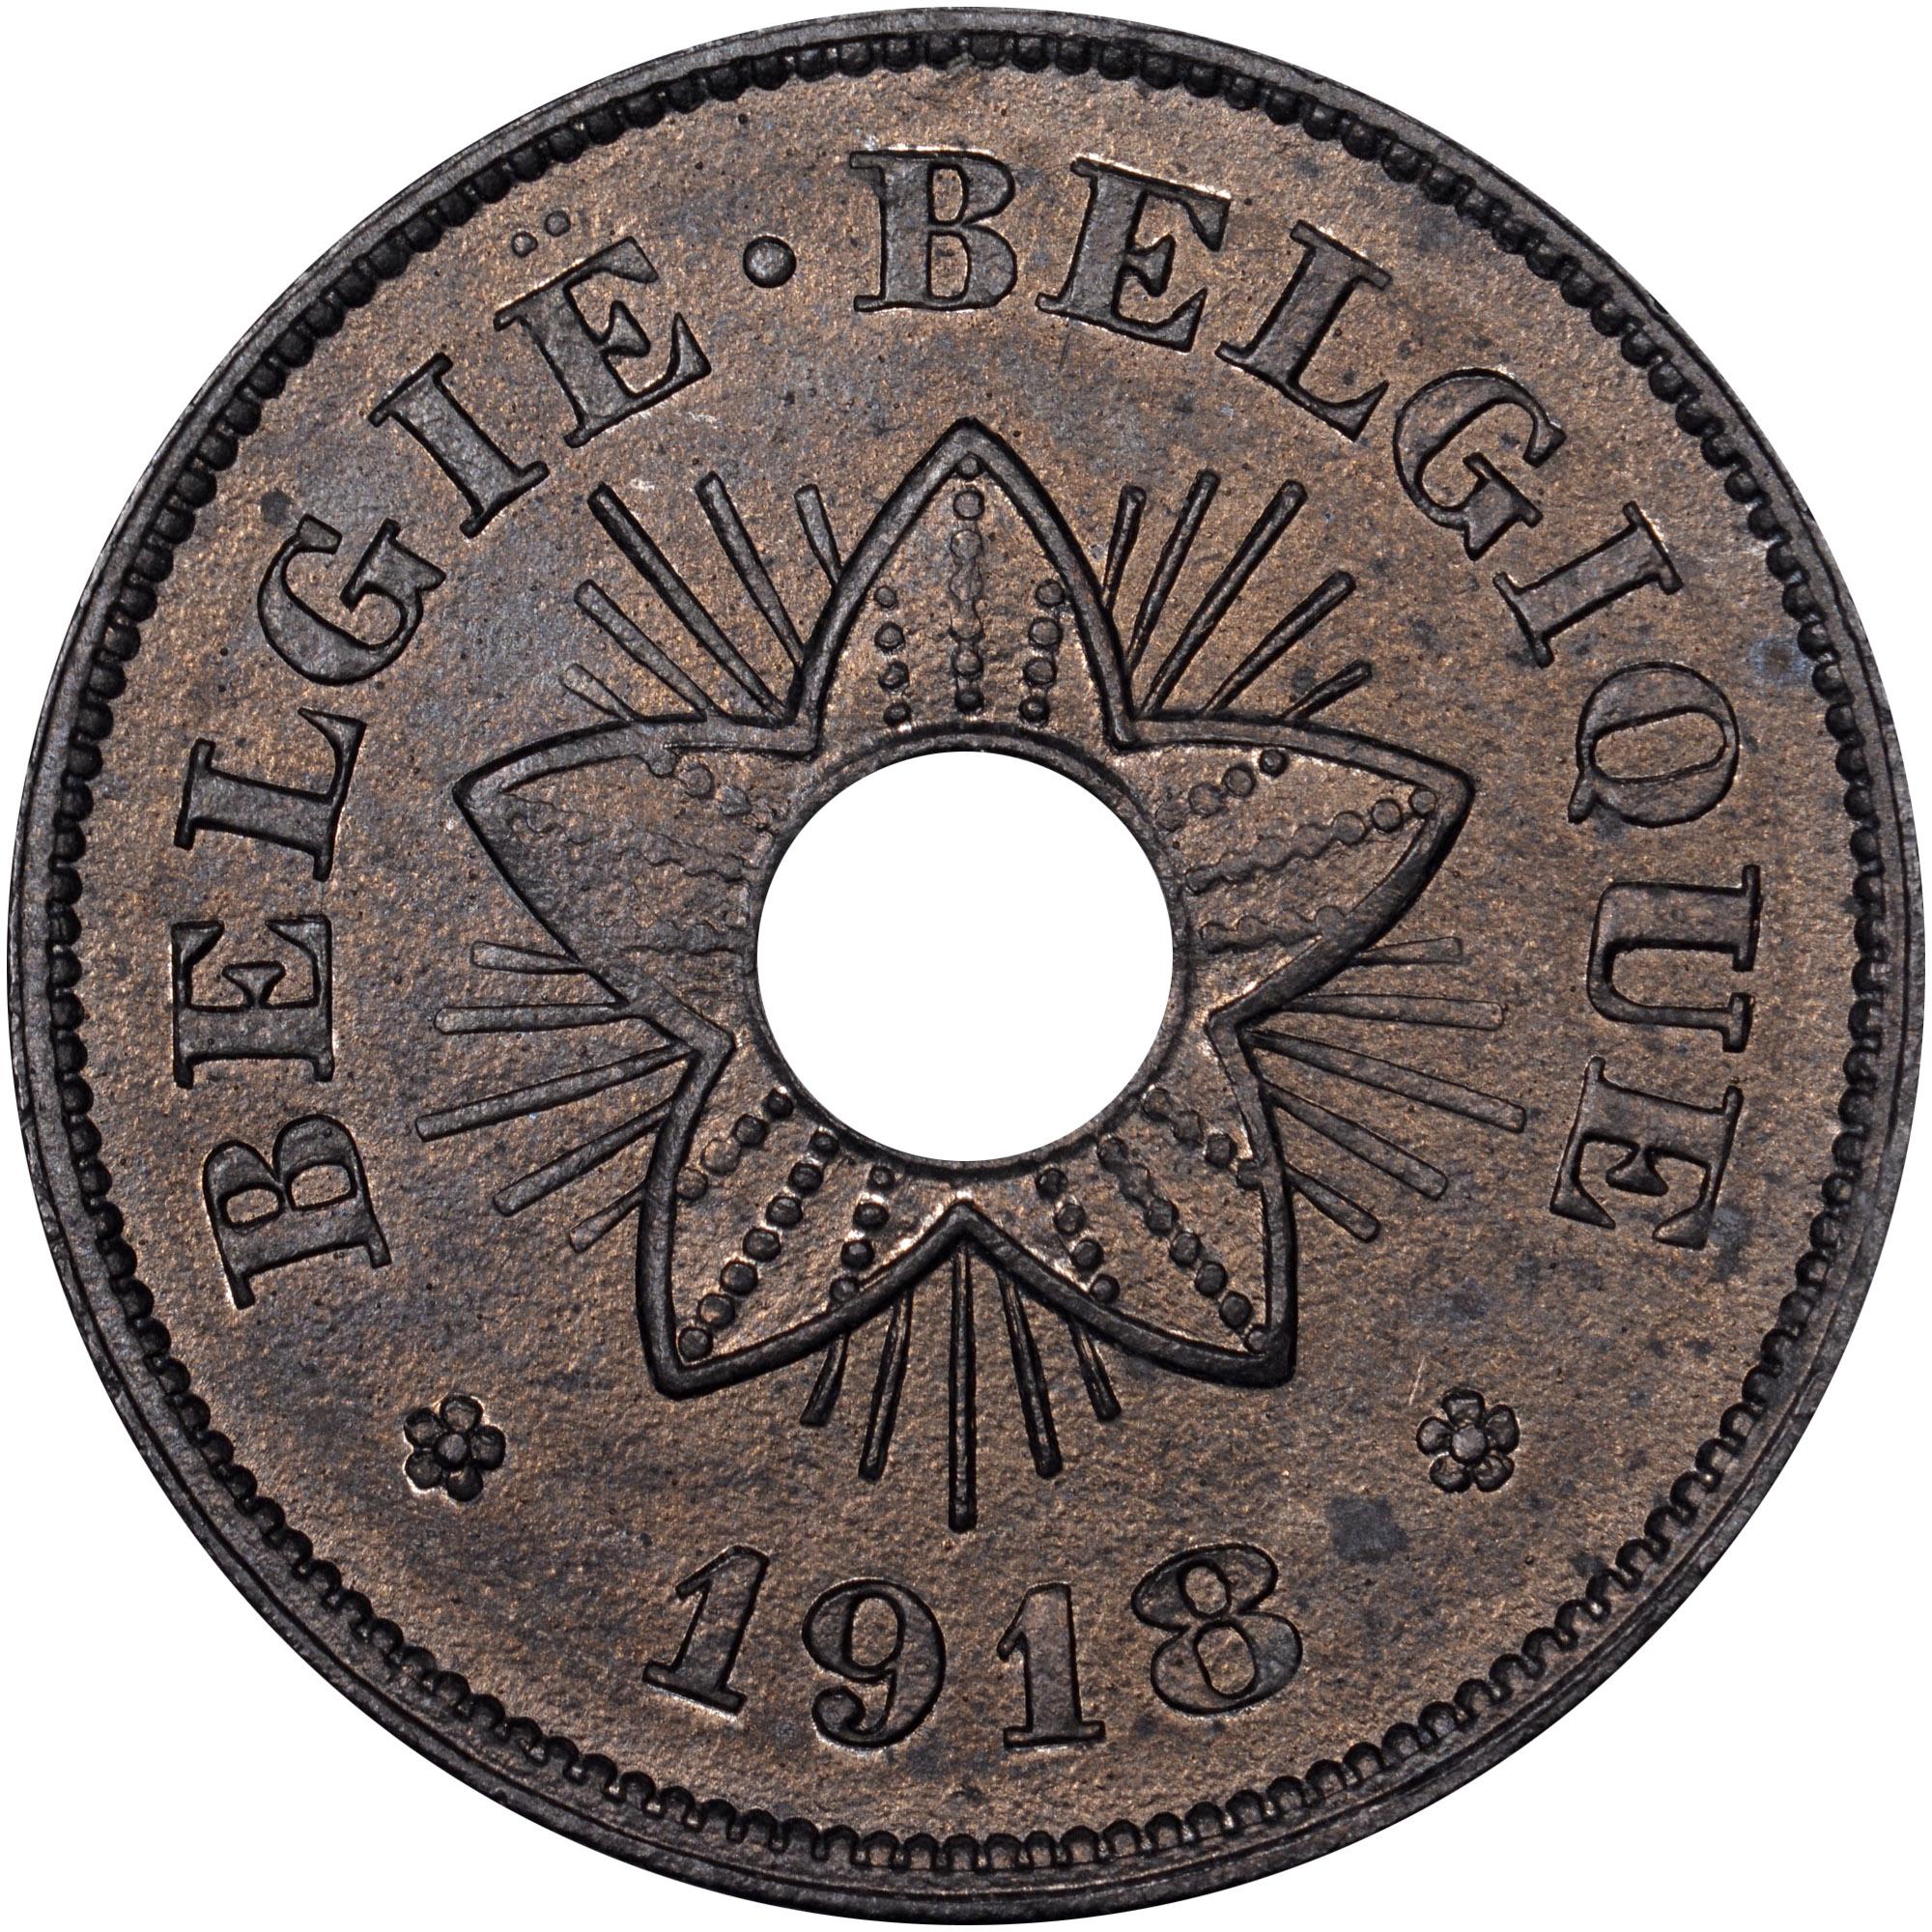 Belgium 50 Centimes obverse